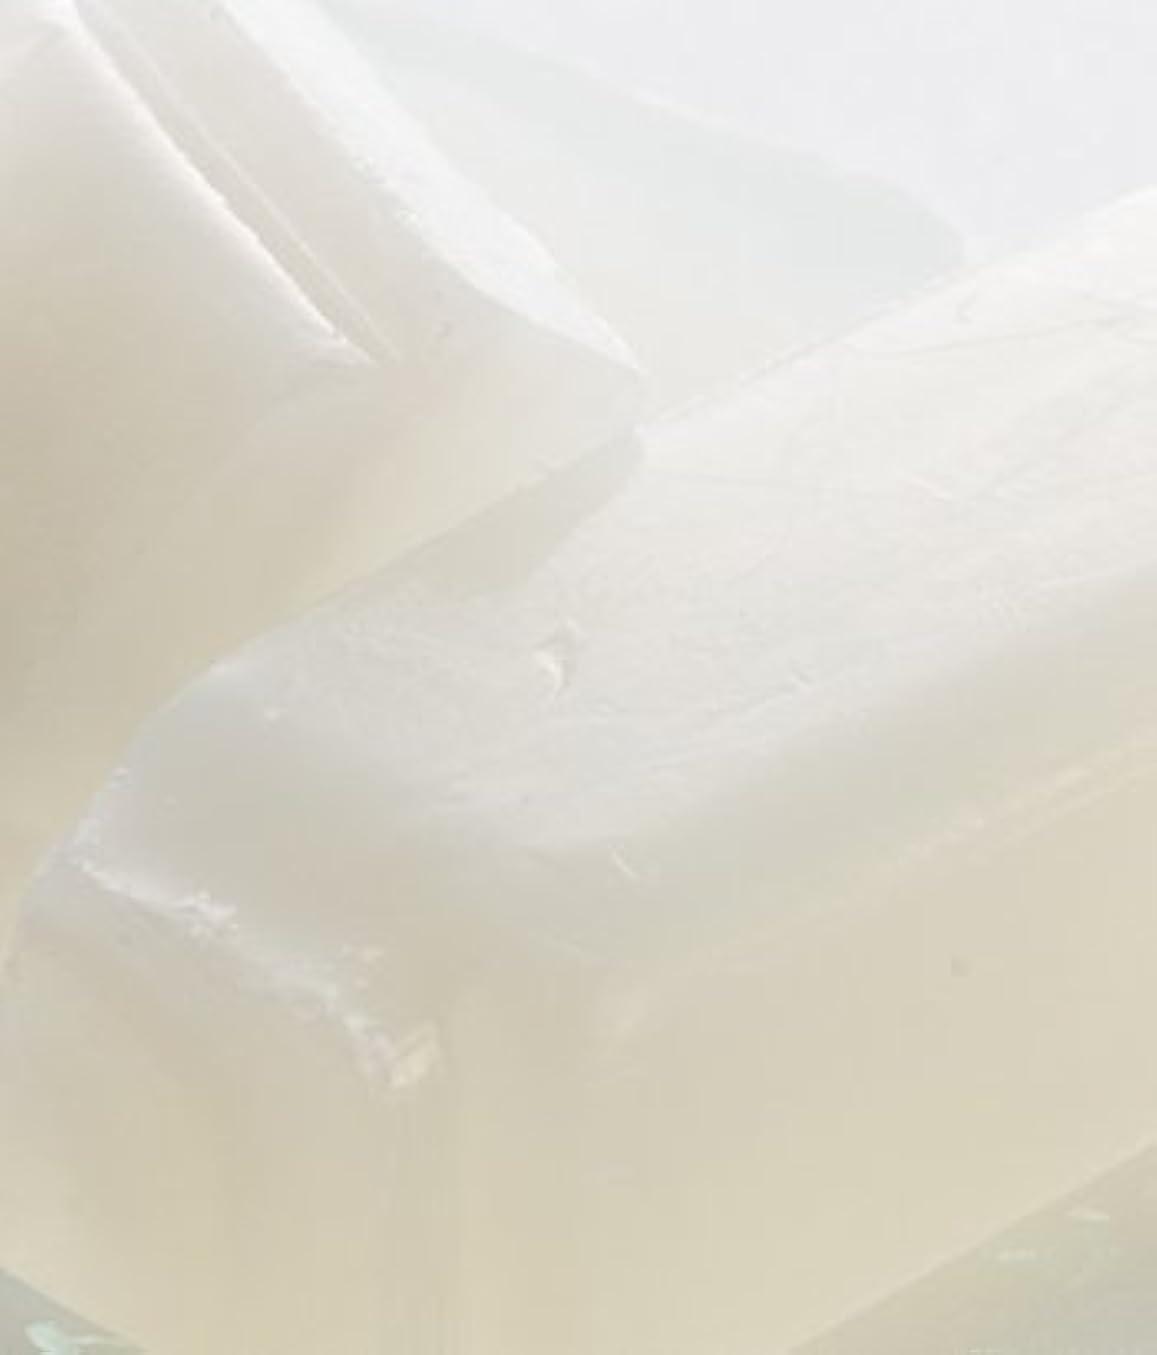 スカート狭い官僚M&Pグリセリンソープベース?ホワイト/200g